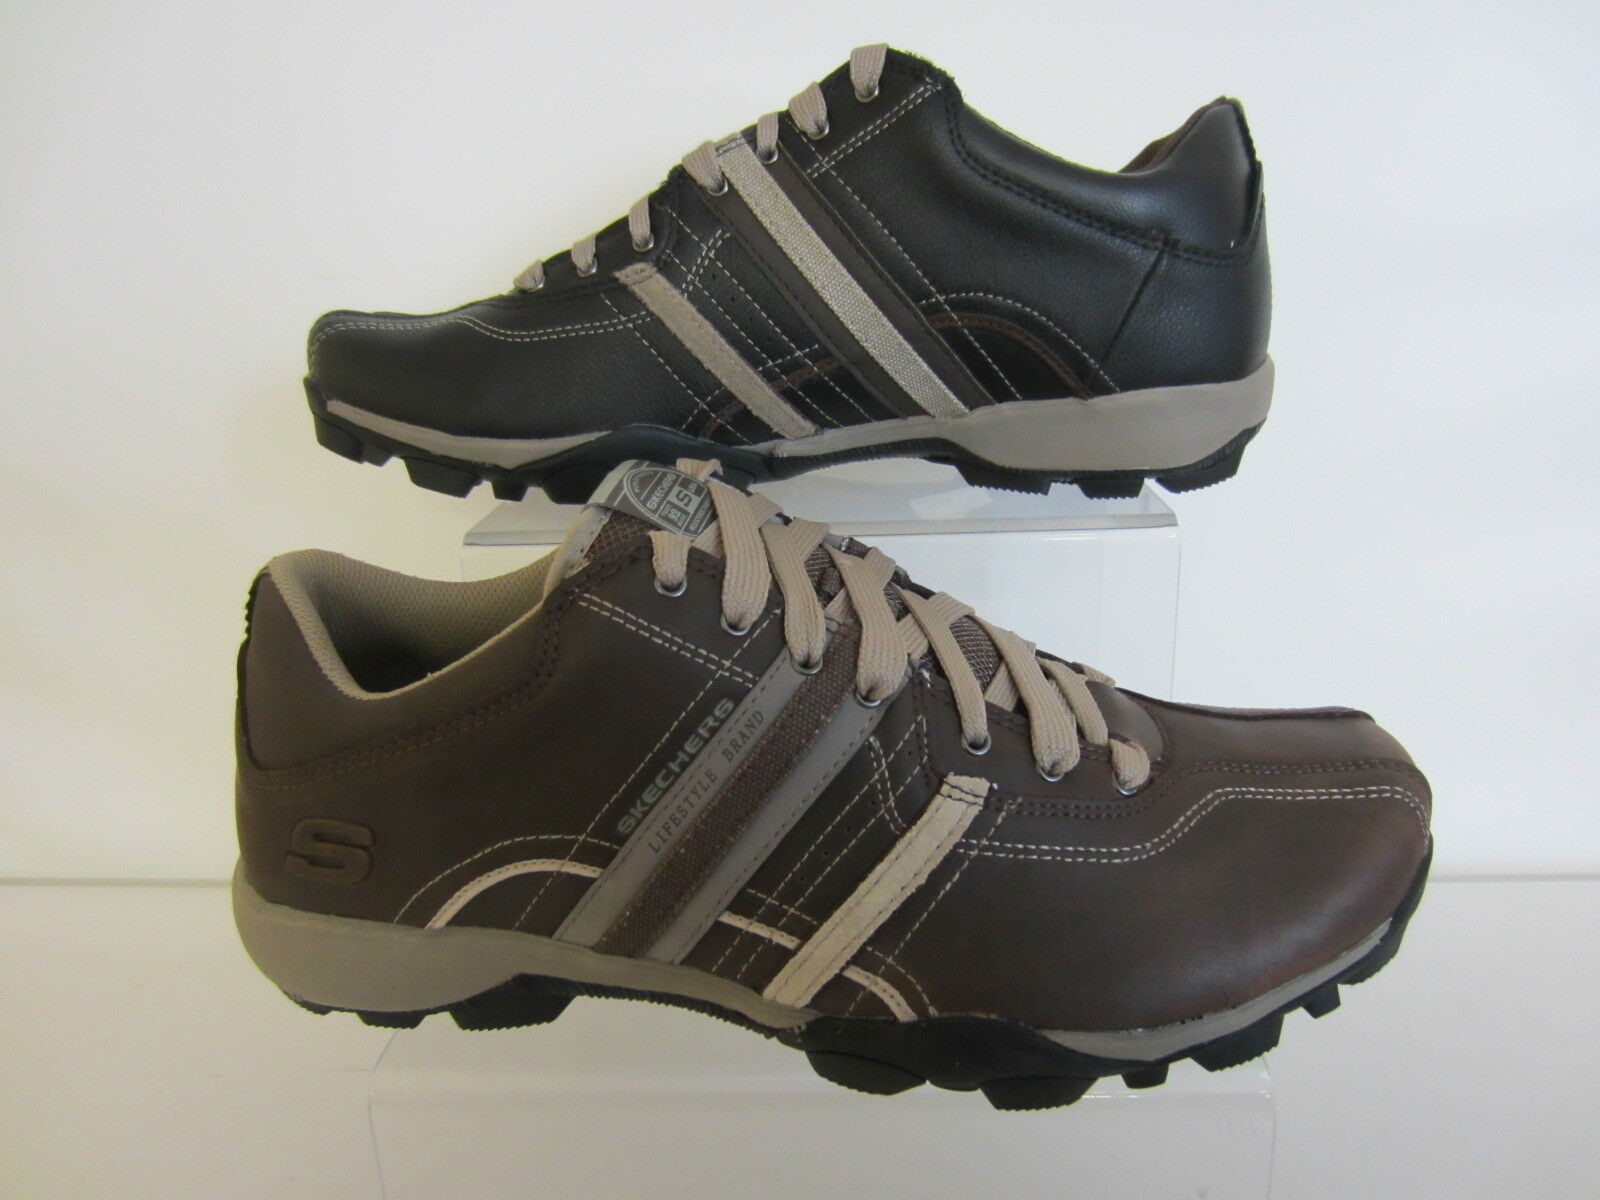 Skechers refrescar Sport para hombres oscuro negro / marrón u oscuro hombres Marróntrainer 50856 / (IR) 063562